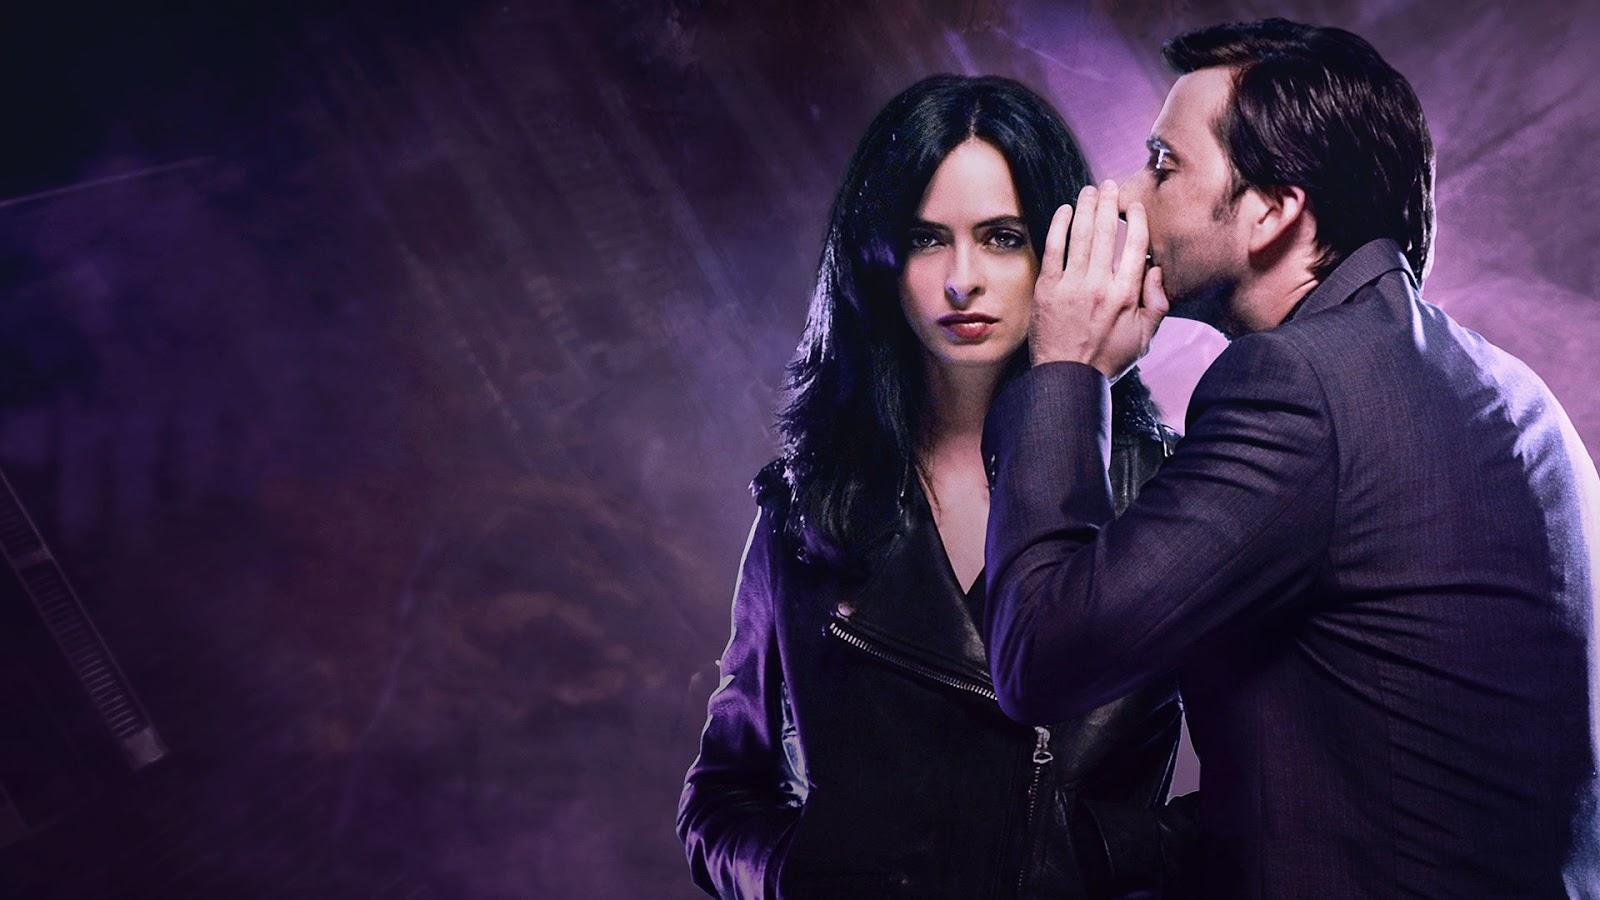 Crítica | Jessica Jones – Um thriller envolvente que abrange o lado mais sombrio da Marvel